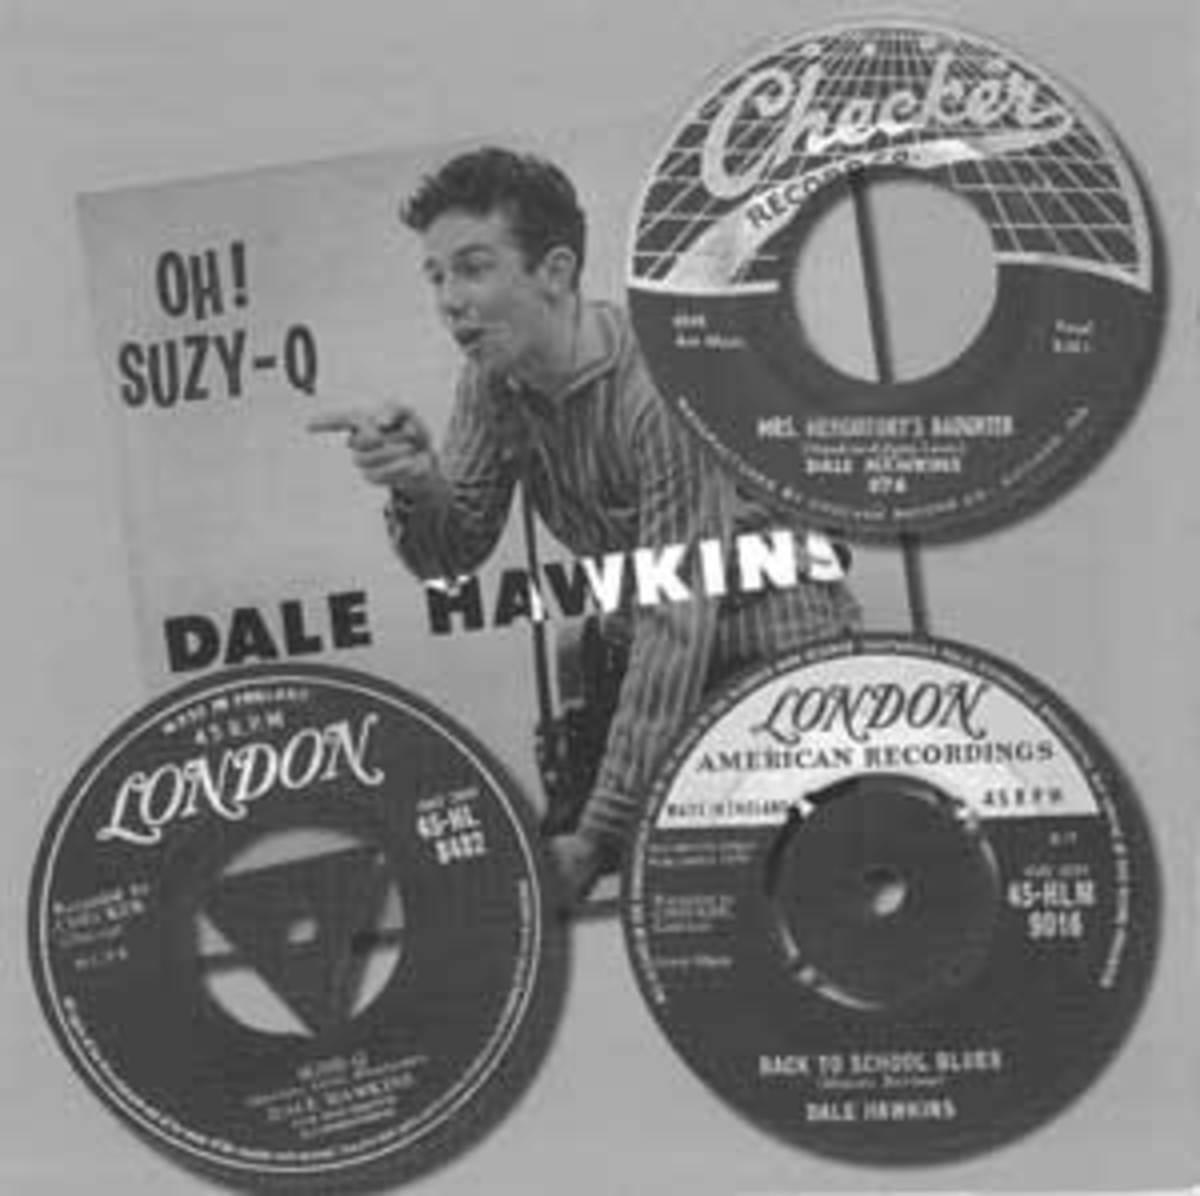 instrumentals-015-DaleLP